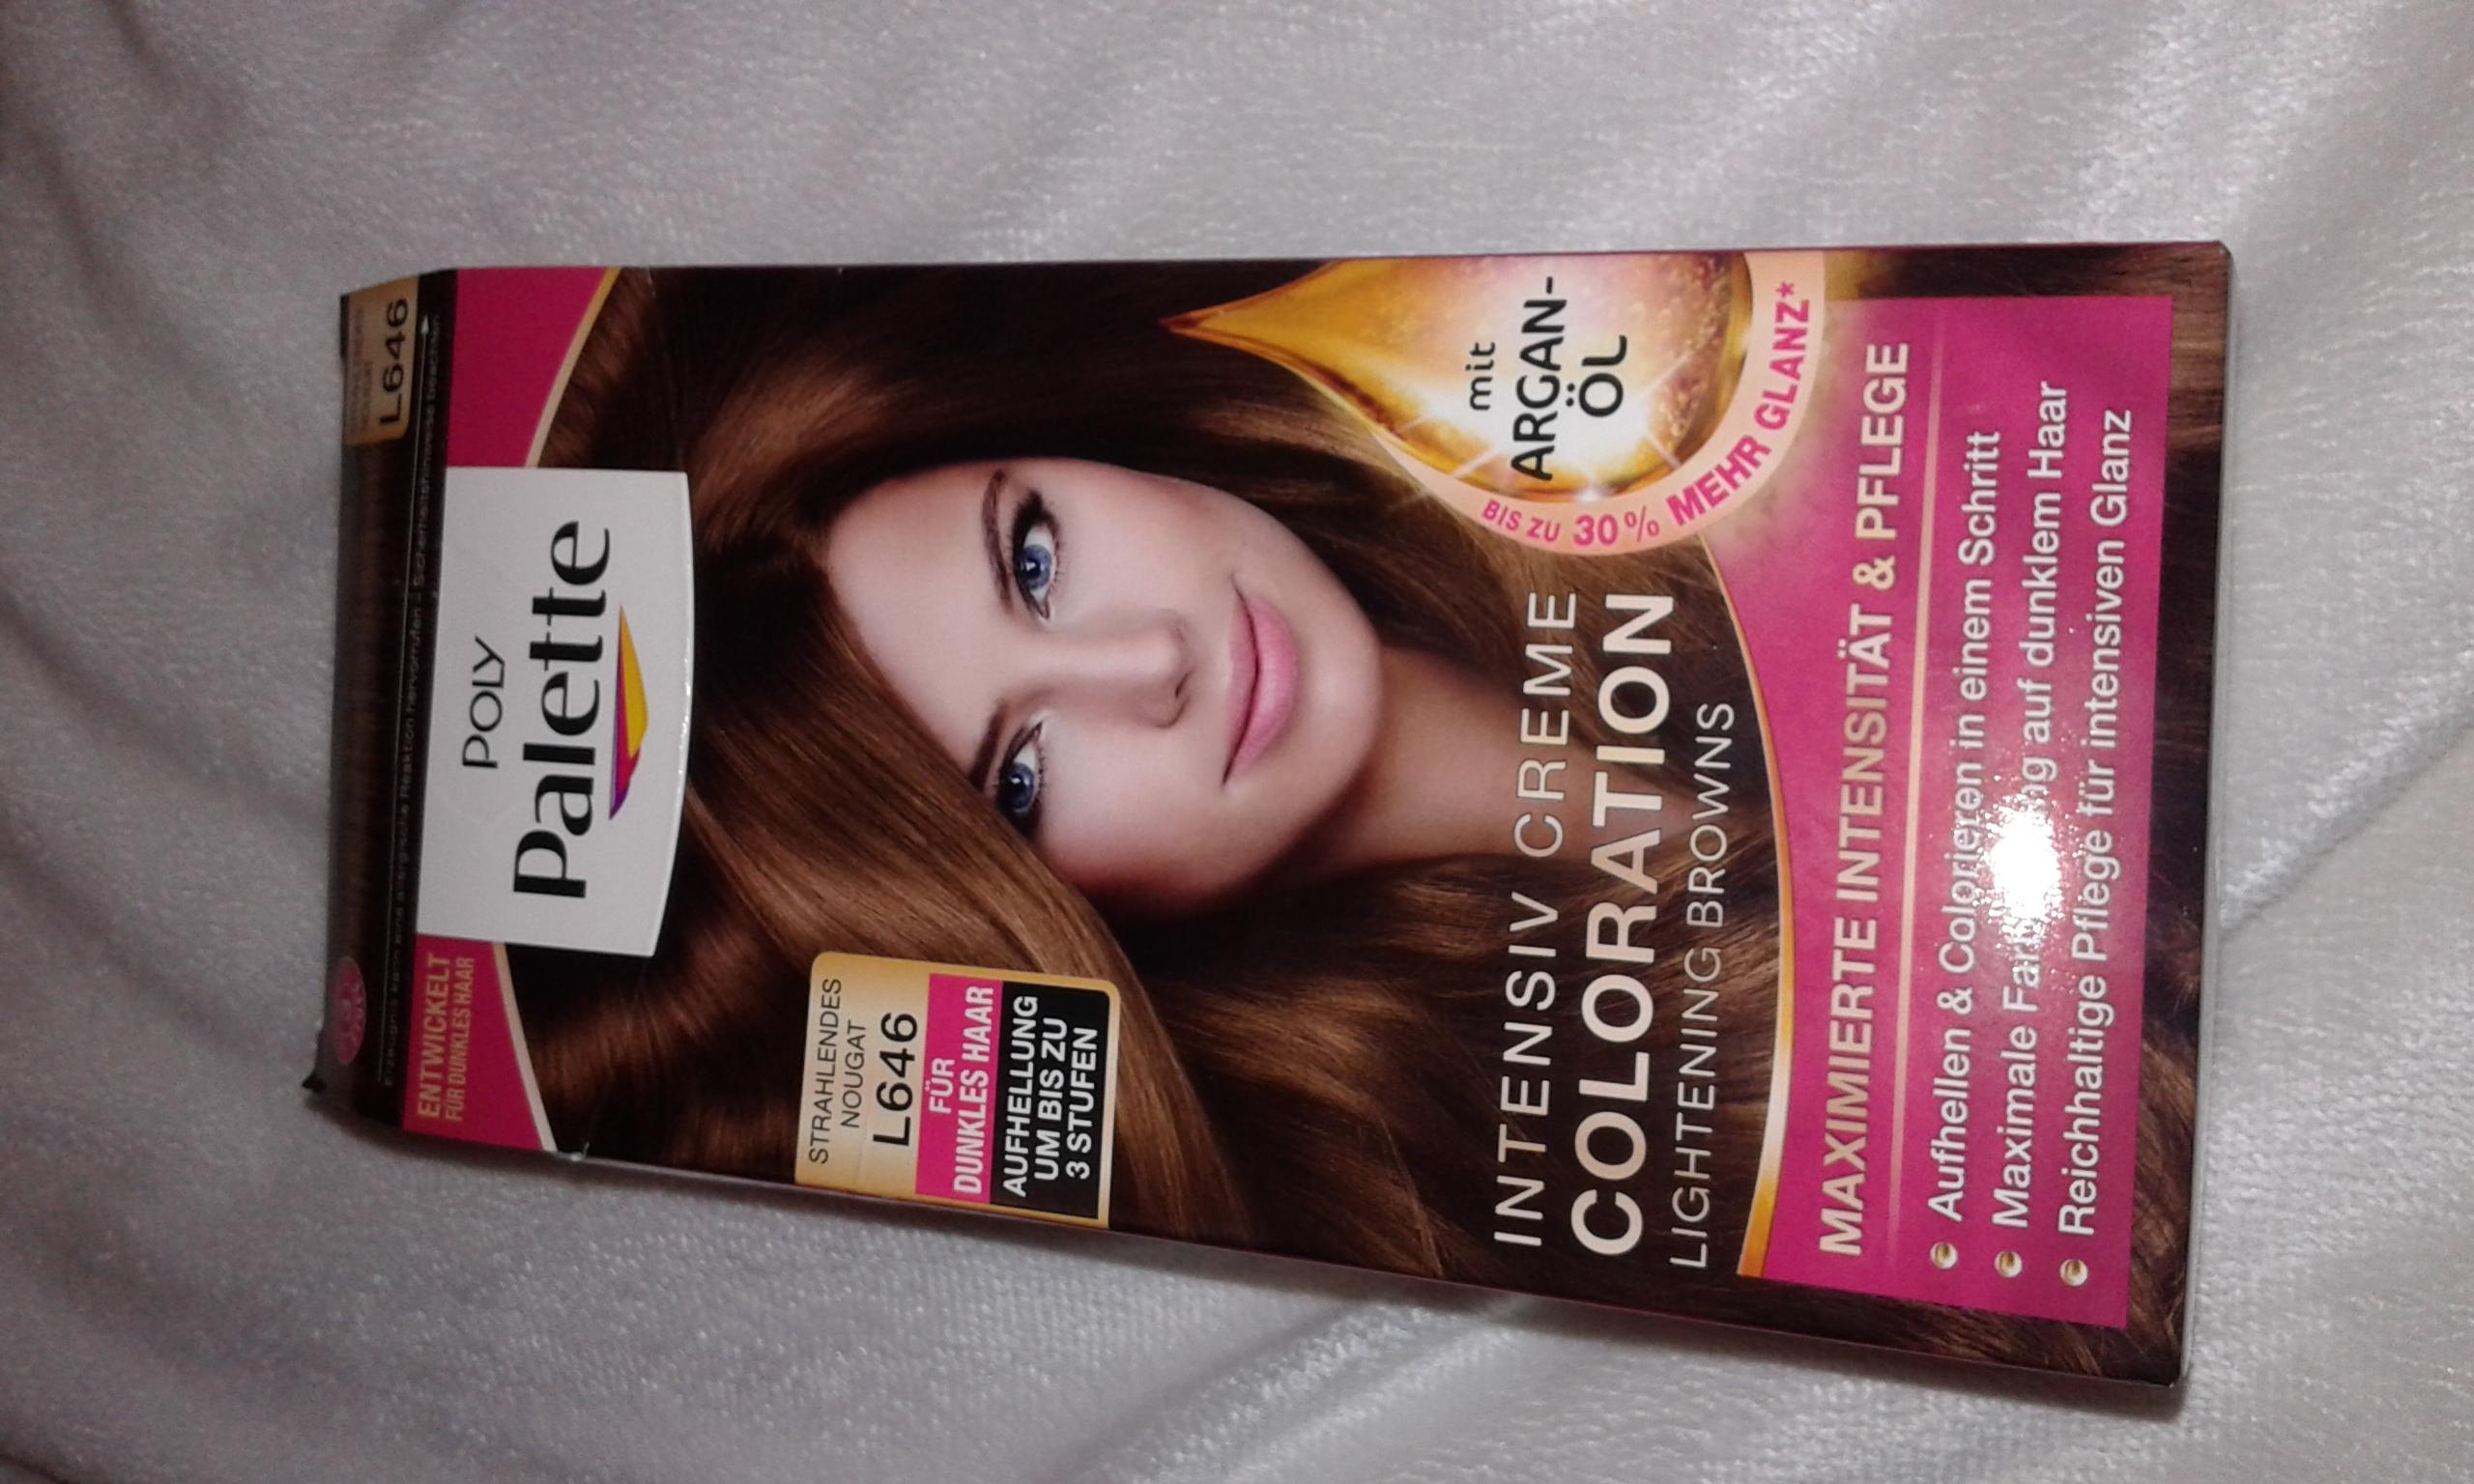 Unterschied zwischen Haare färben und tönen? Brauche Hilfe!?